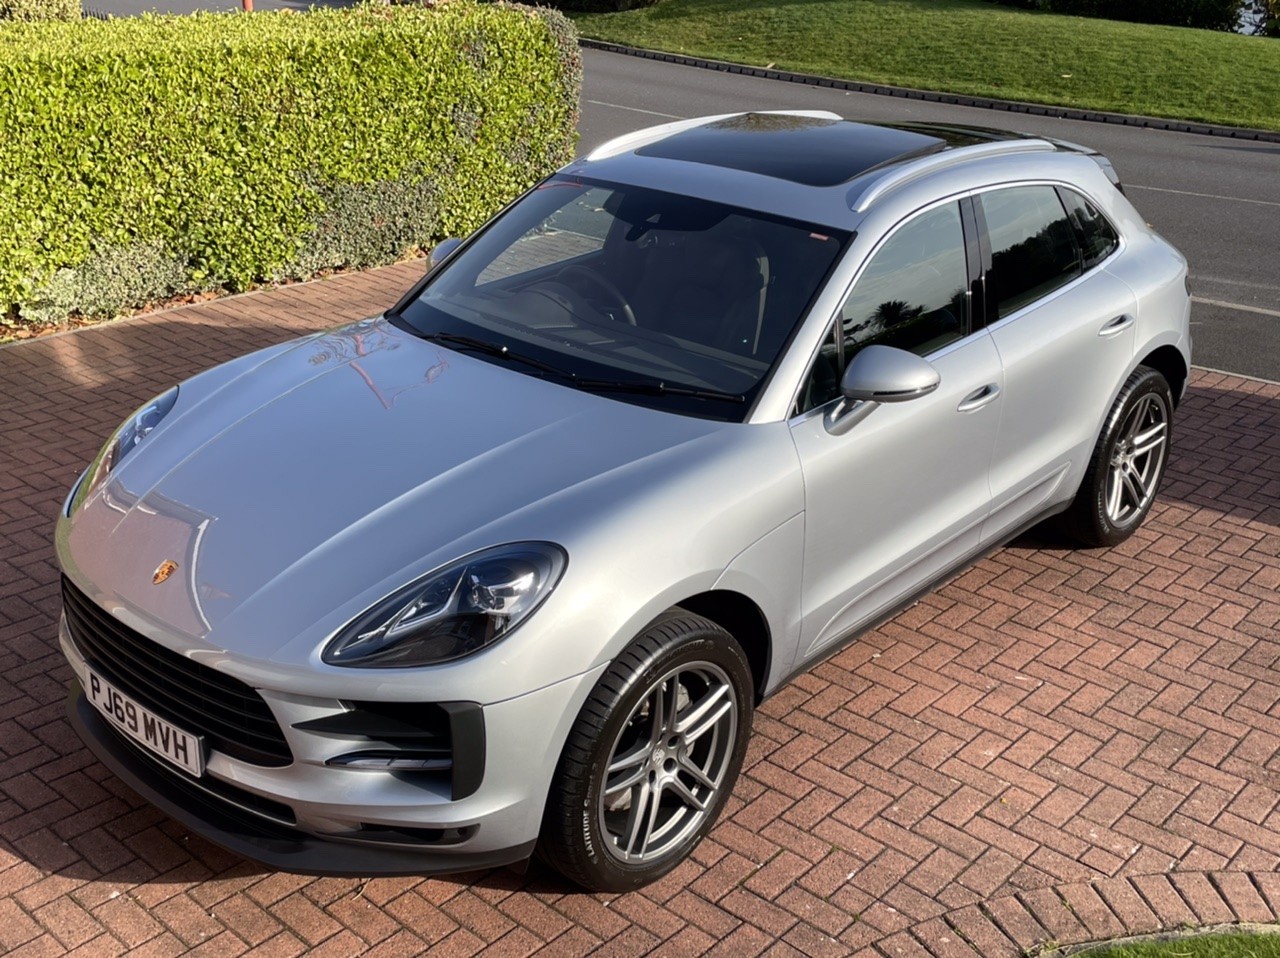 2019 69 PORSCHE MACAN S 354BHP PDK 4WD AUTO (NEW SHAPE) £12K EXTRAS